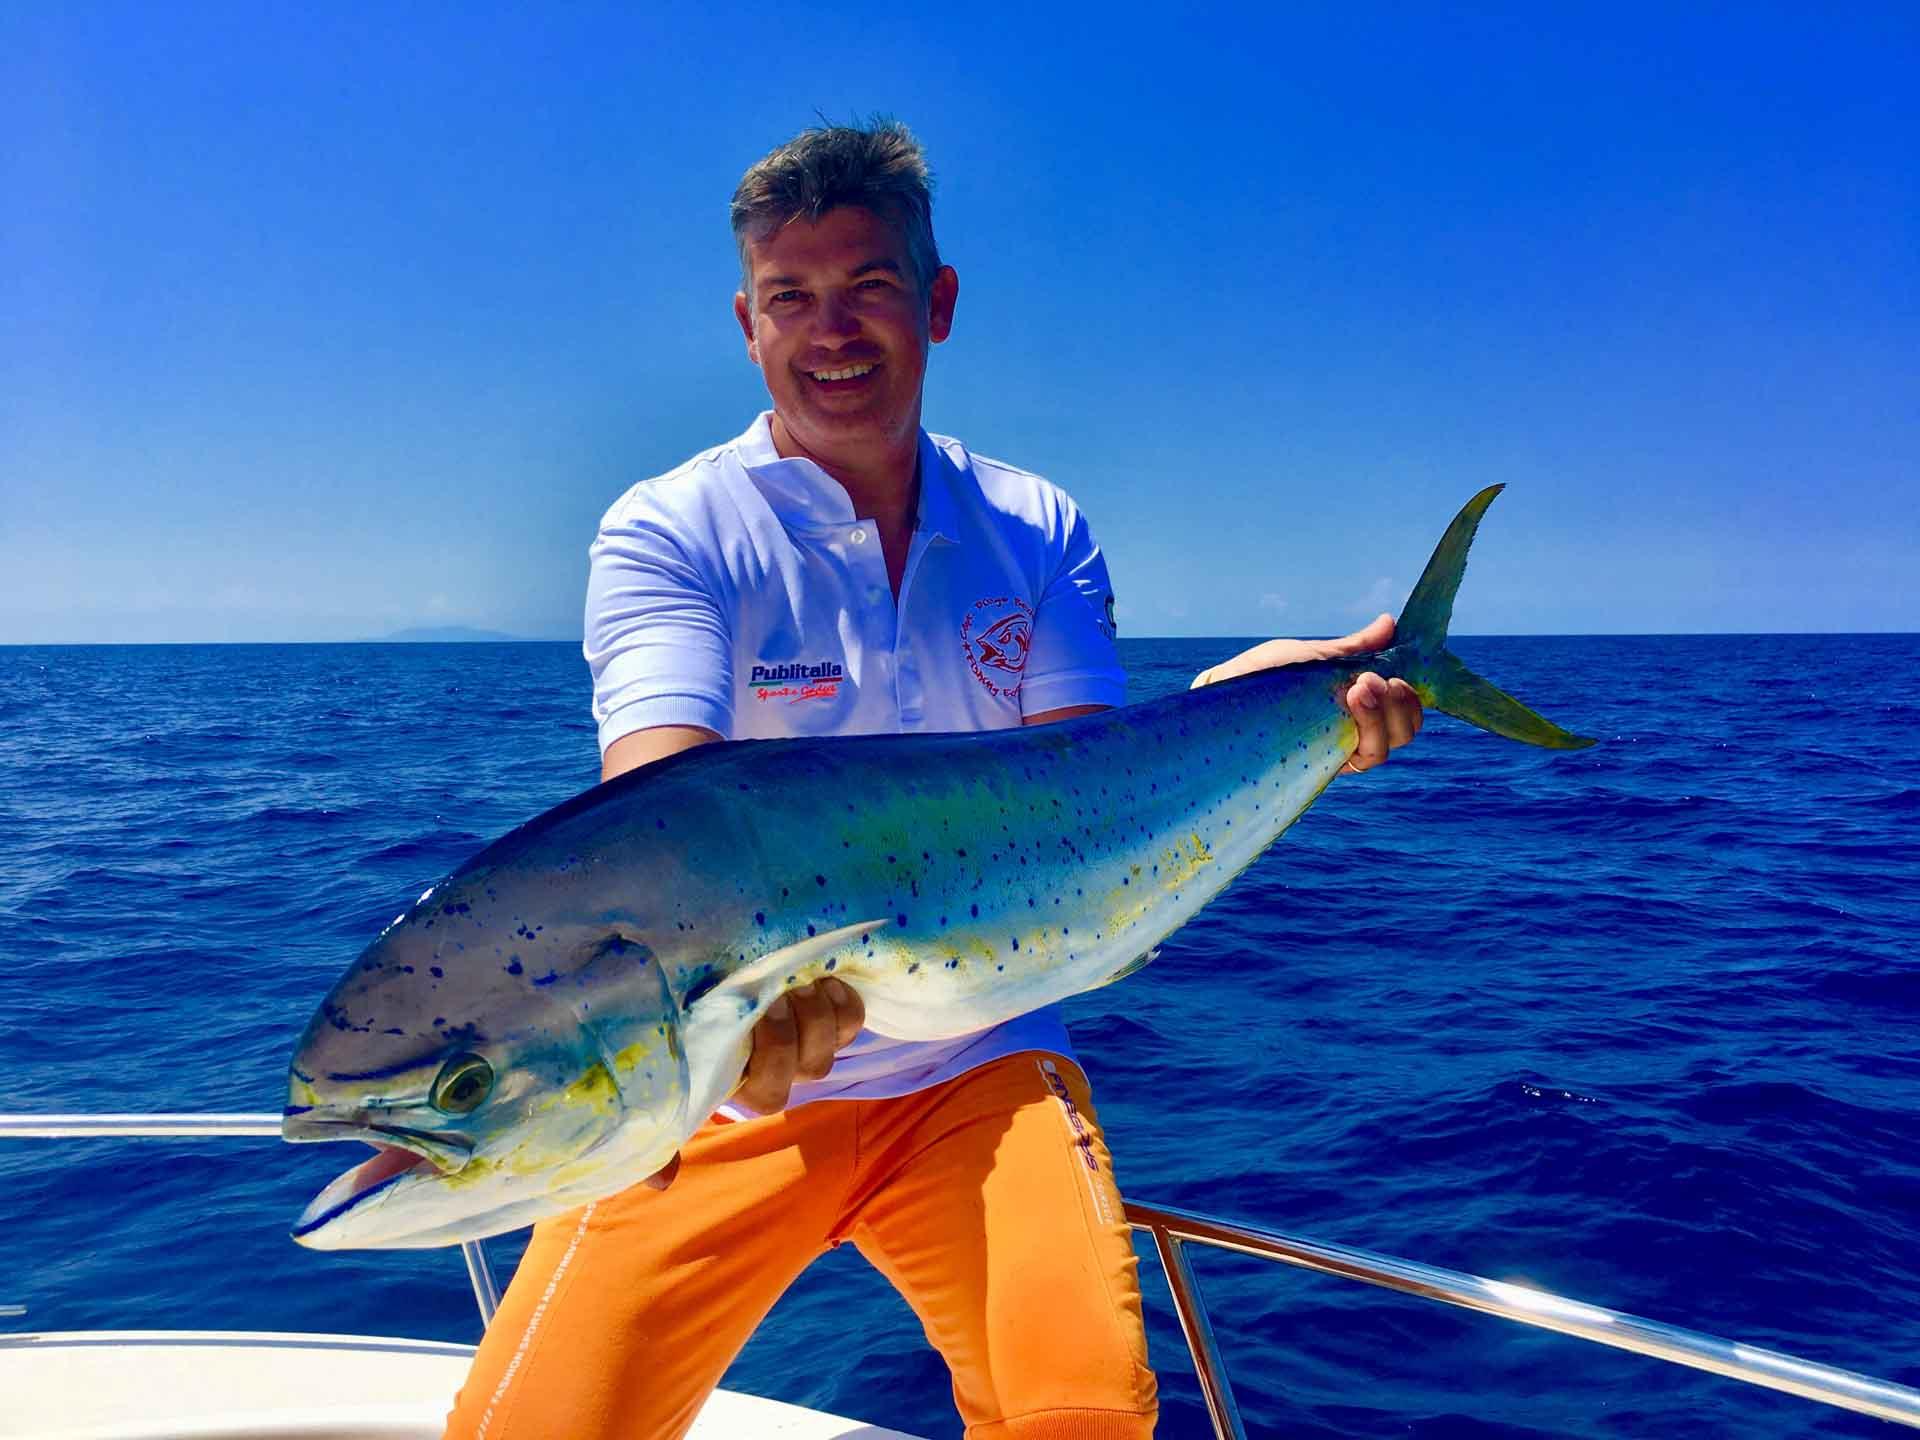 Diego Bedetti | Fishing Experience | Charter di pesca in Adriatico centrale